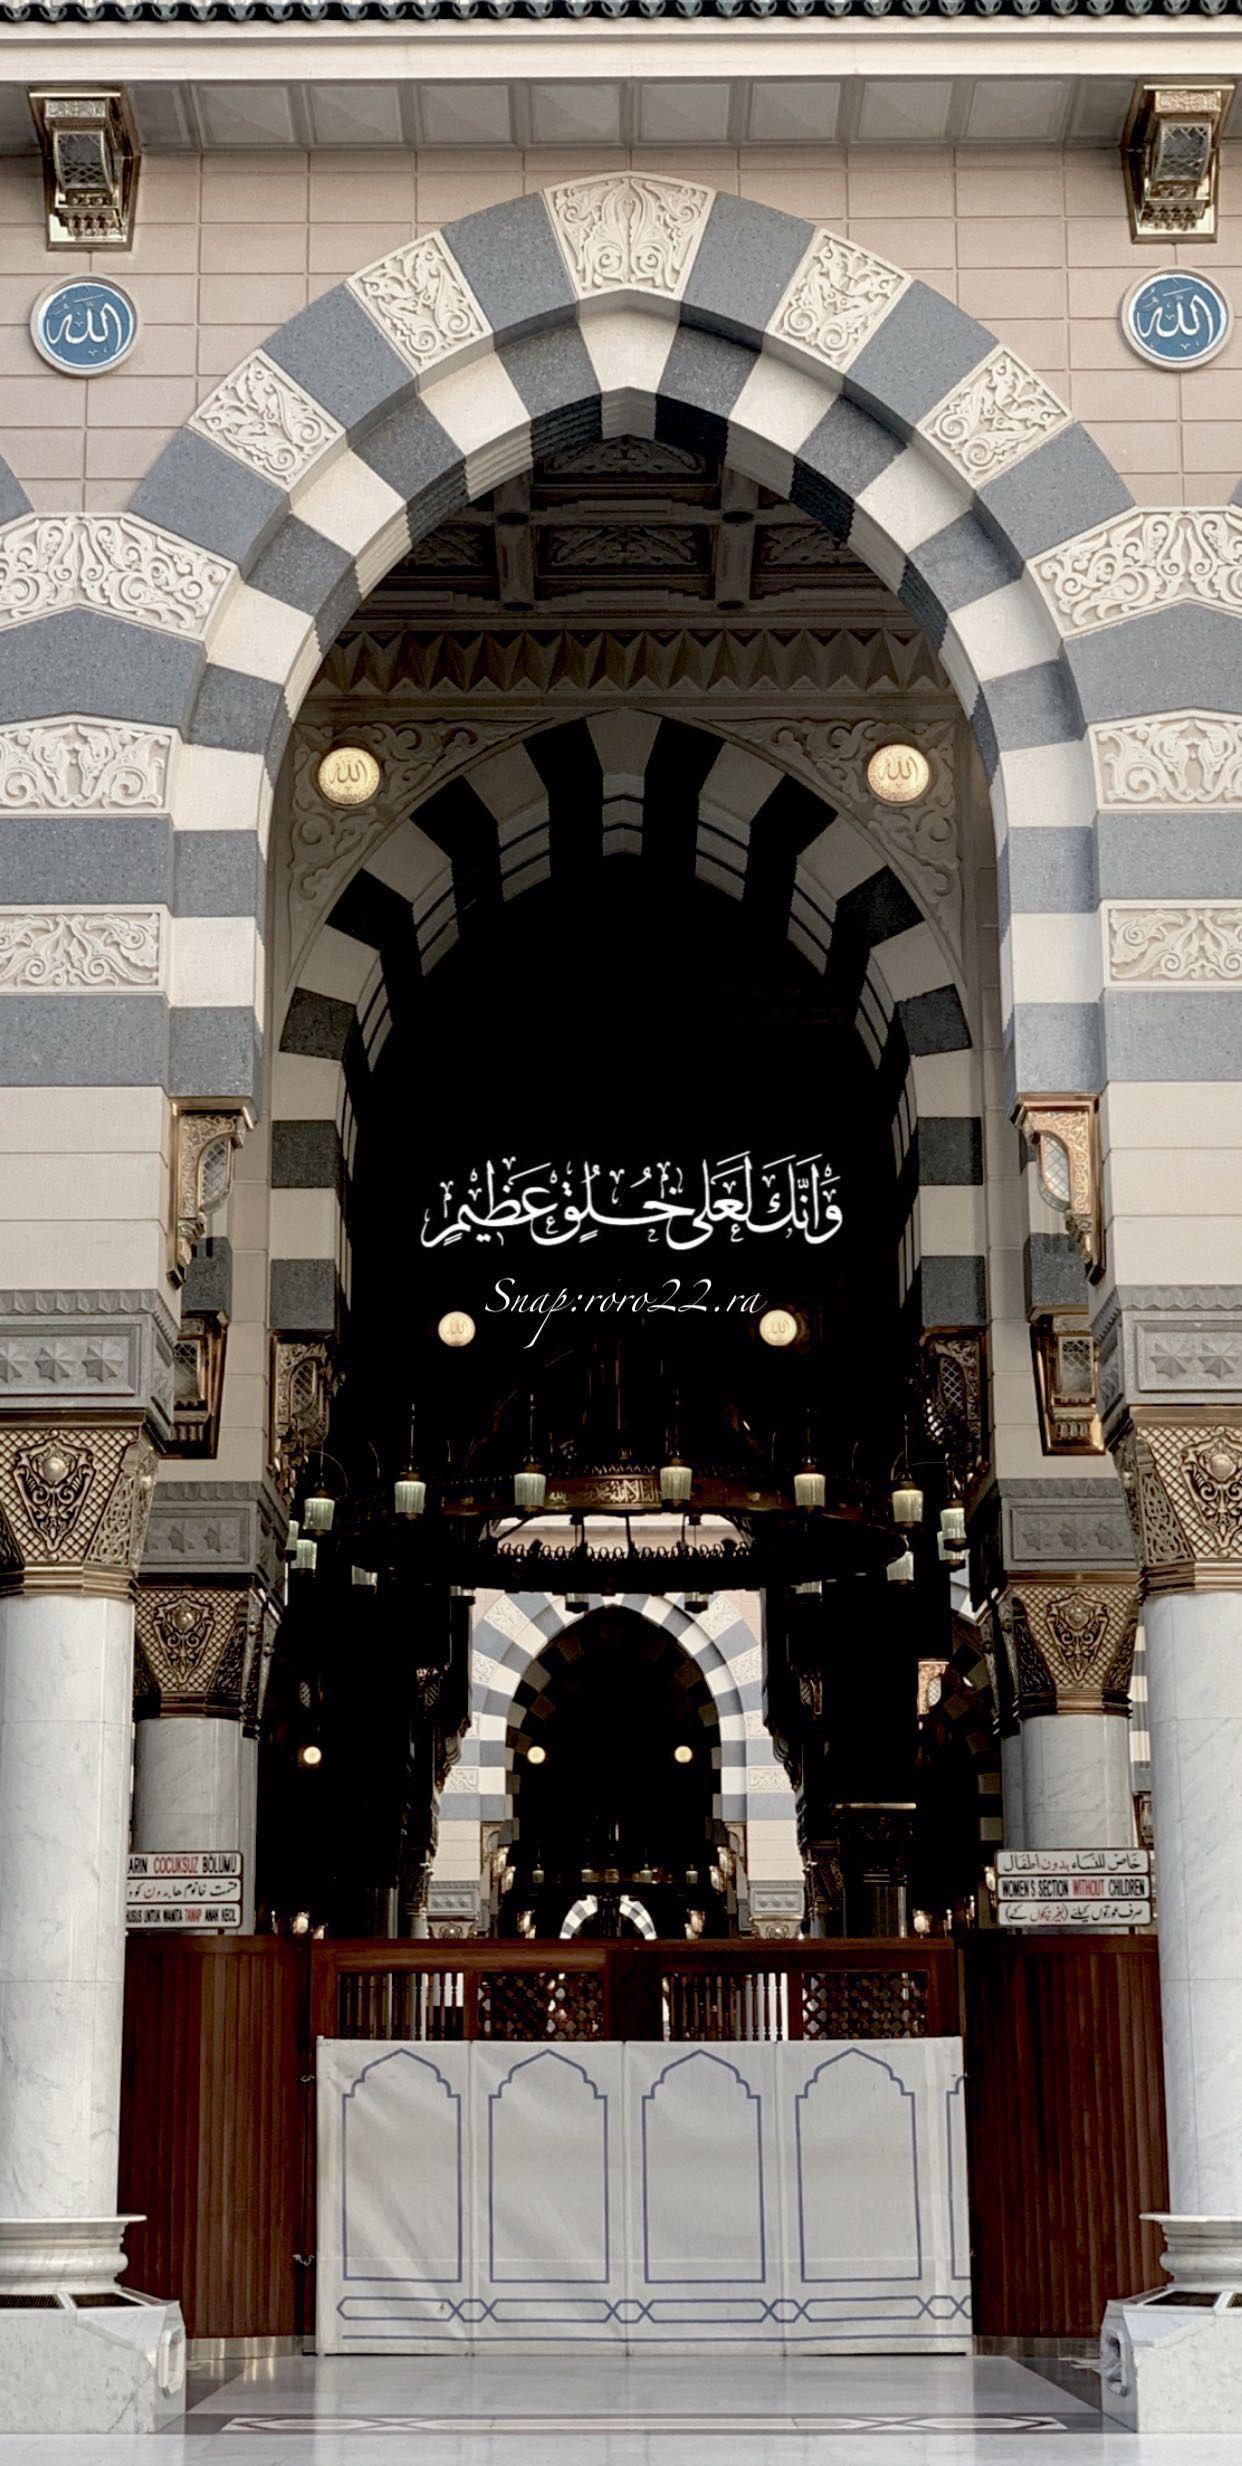 الحرم تصويري Makkah Madina